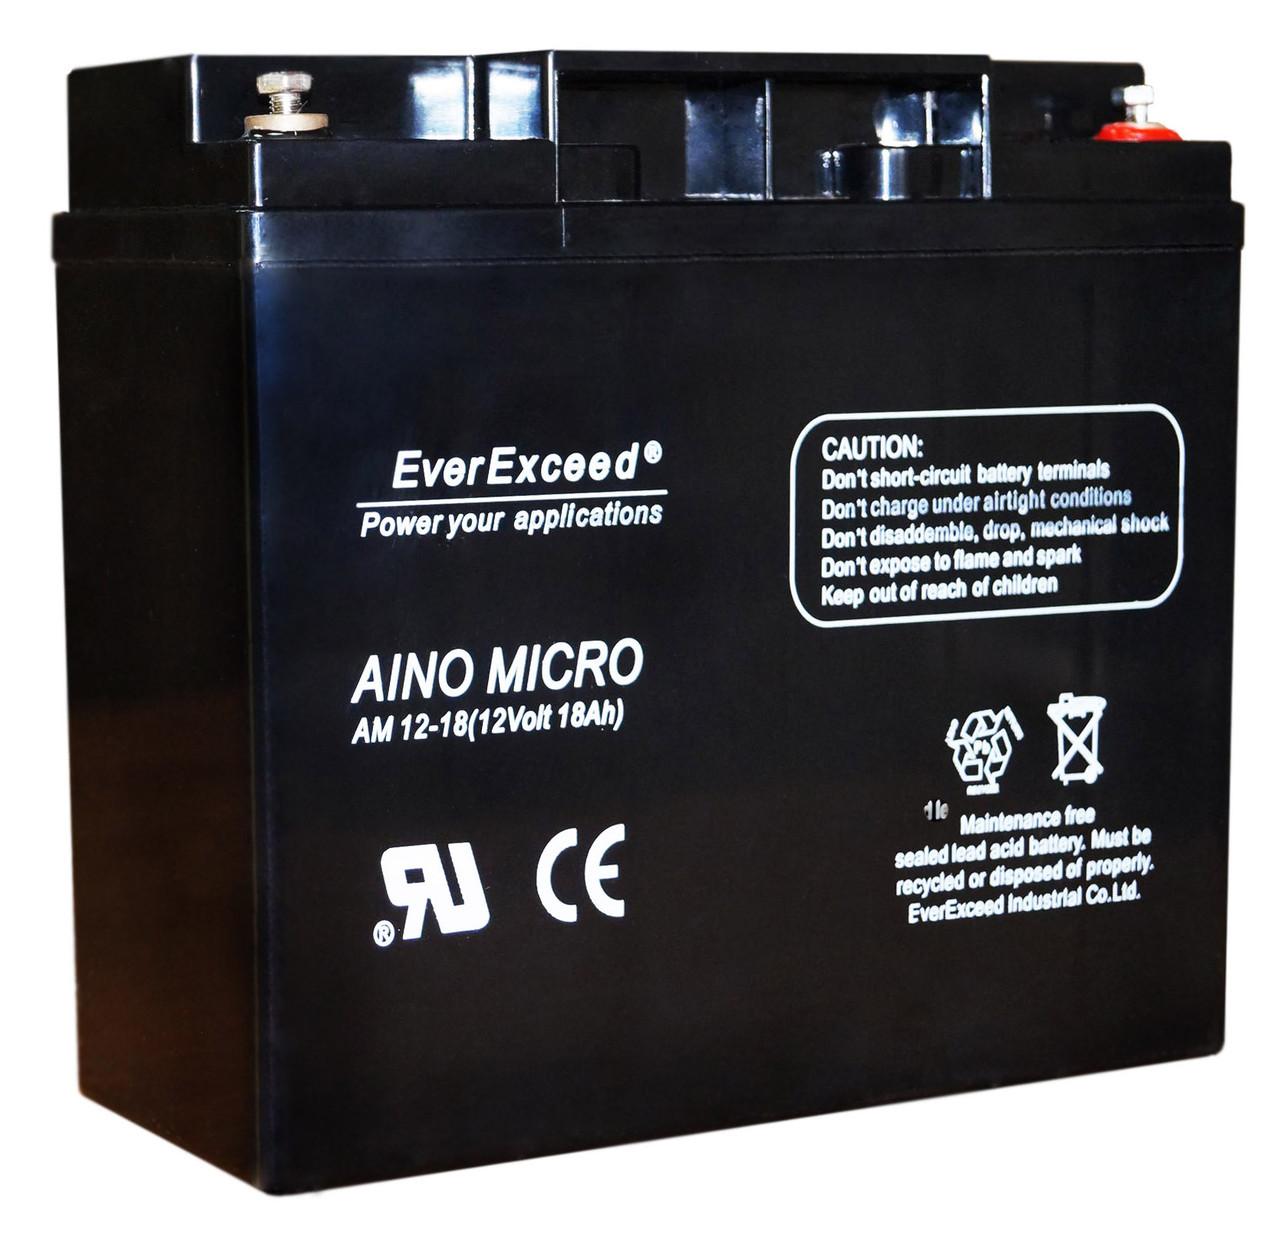 Аккумулятор для детского электромобиля 12V вольт 18 ah ампер